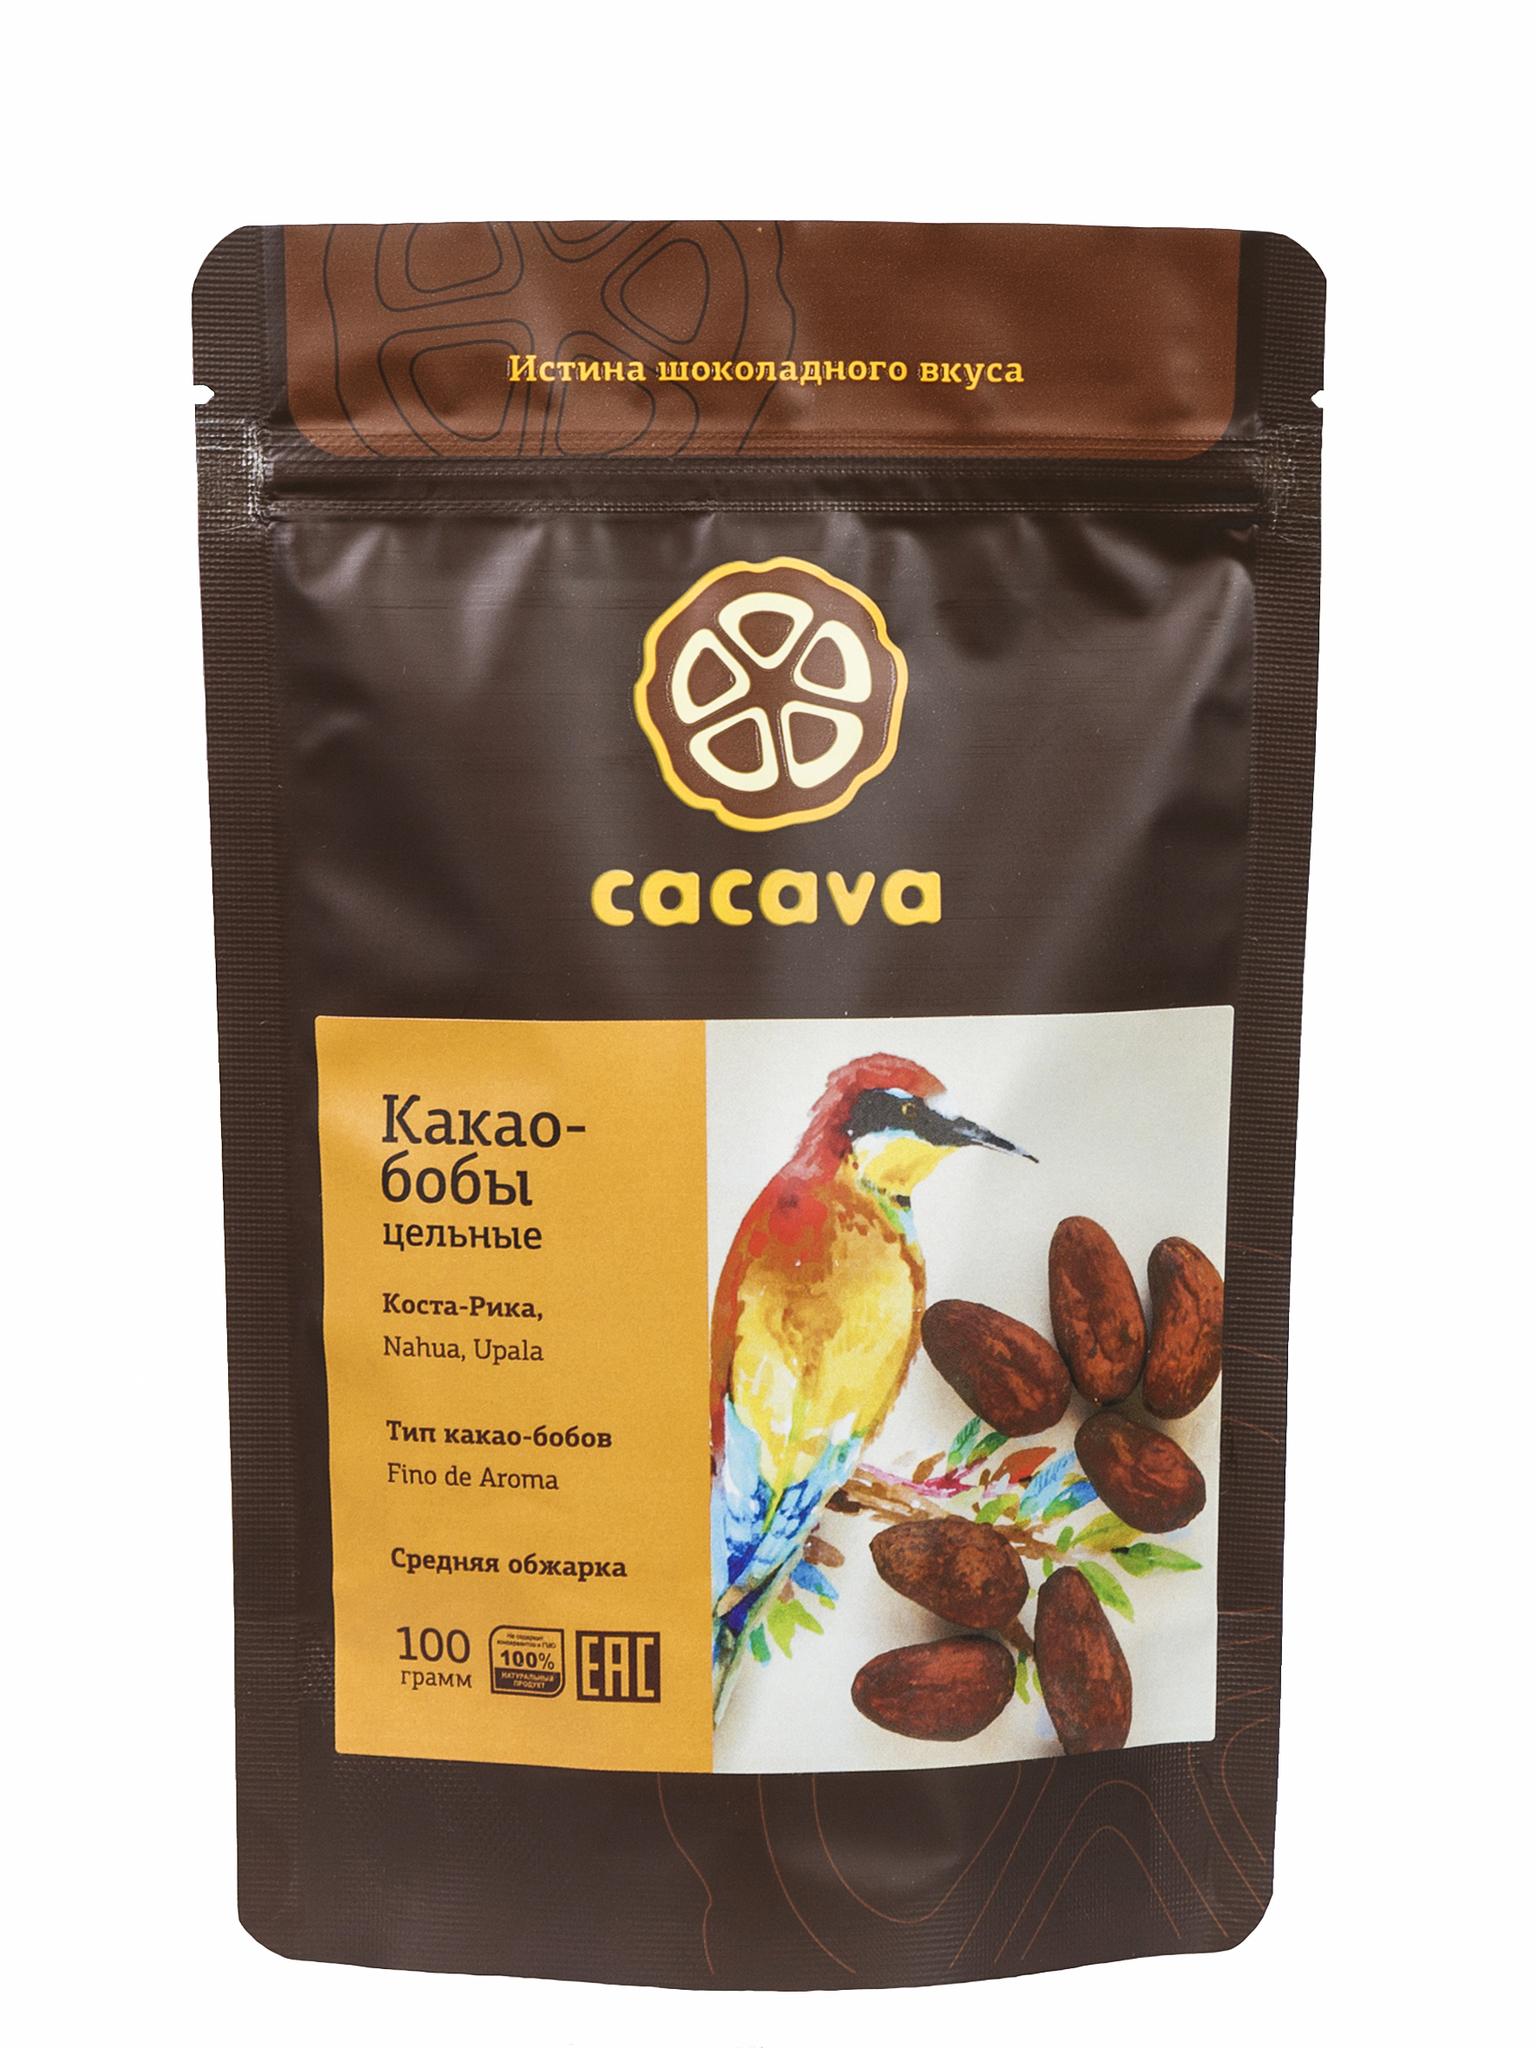 Какао-бобы цельные (Коста-Рика), упаковка 100 грамм